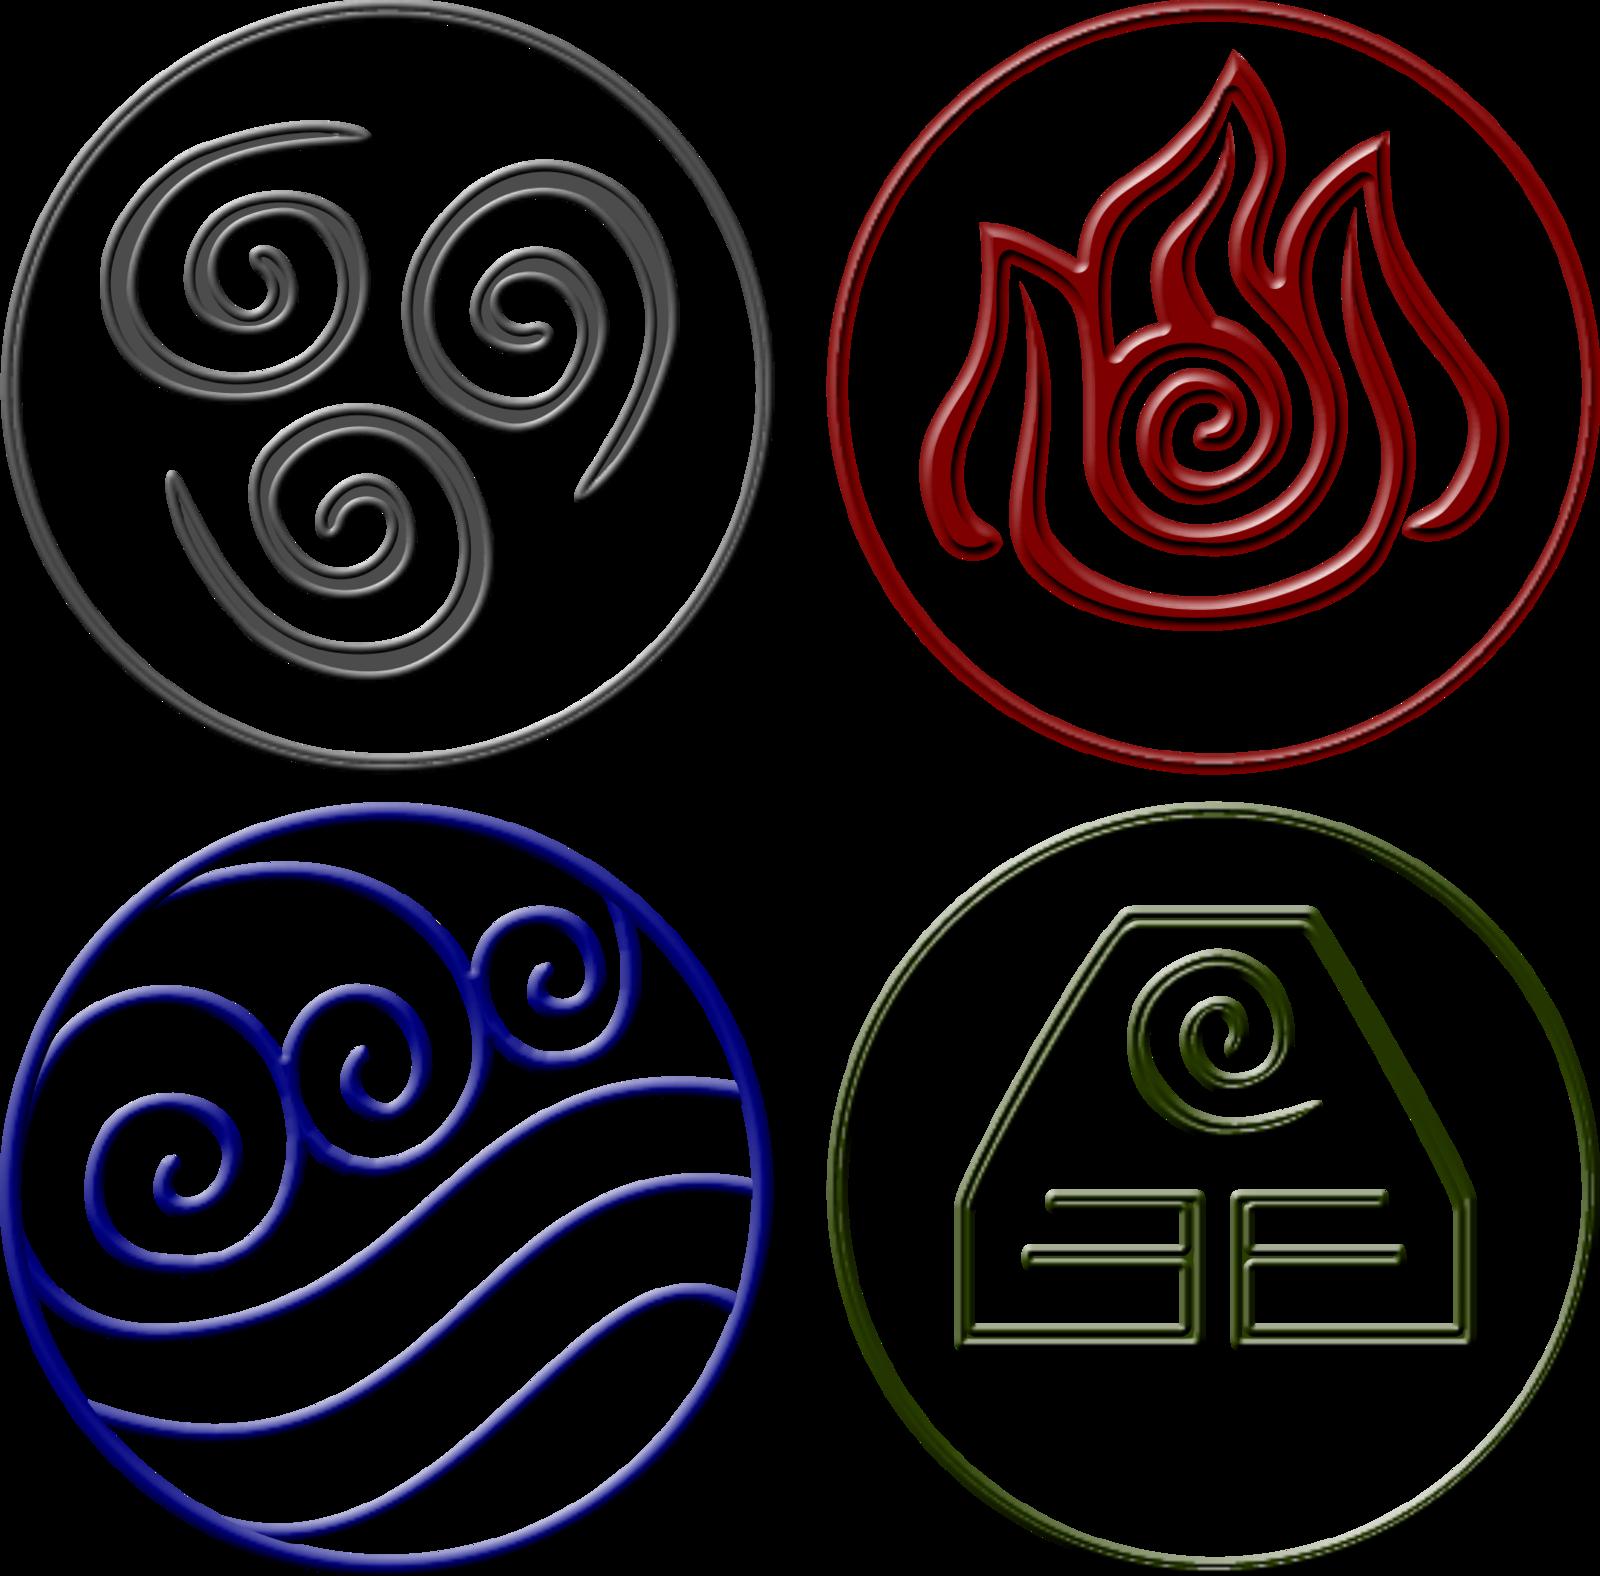 одной четыре символа картинки наше время